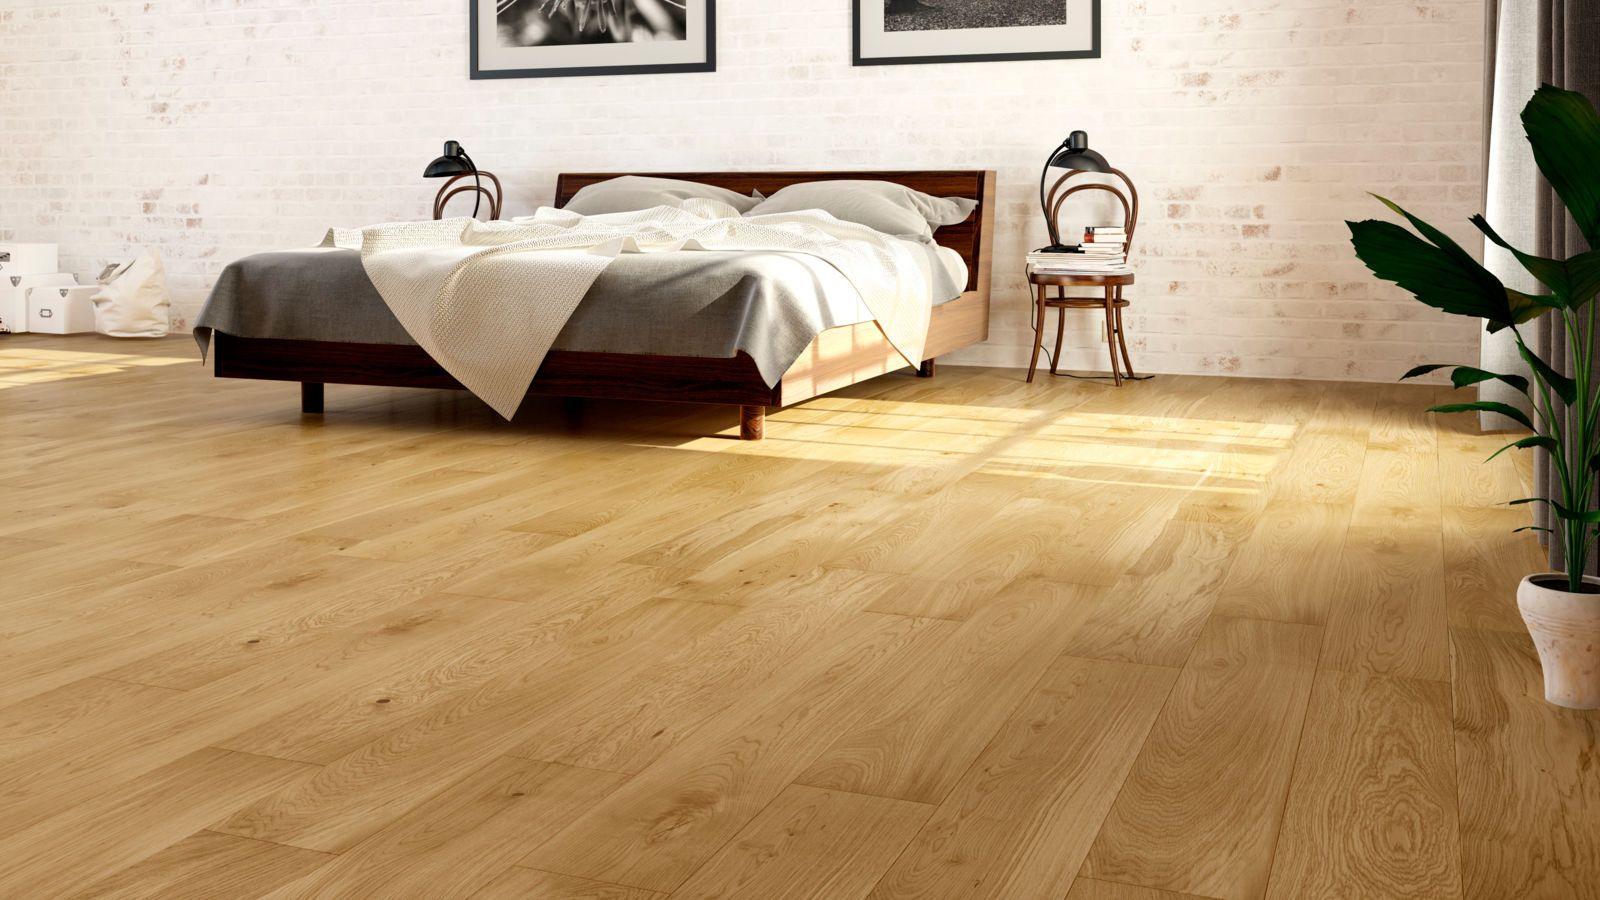 engineered oak flooring image result for engineered wood flooring CIVABOF